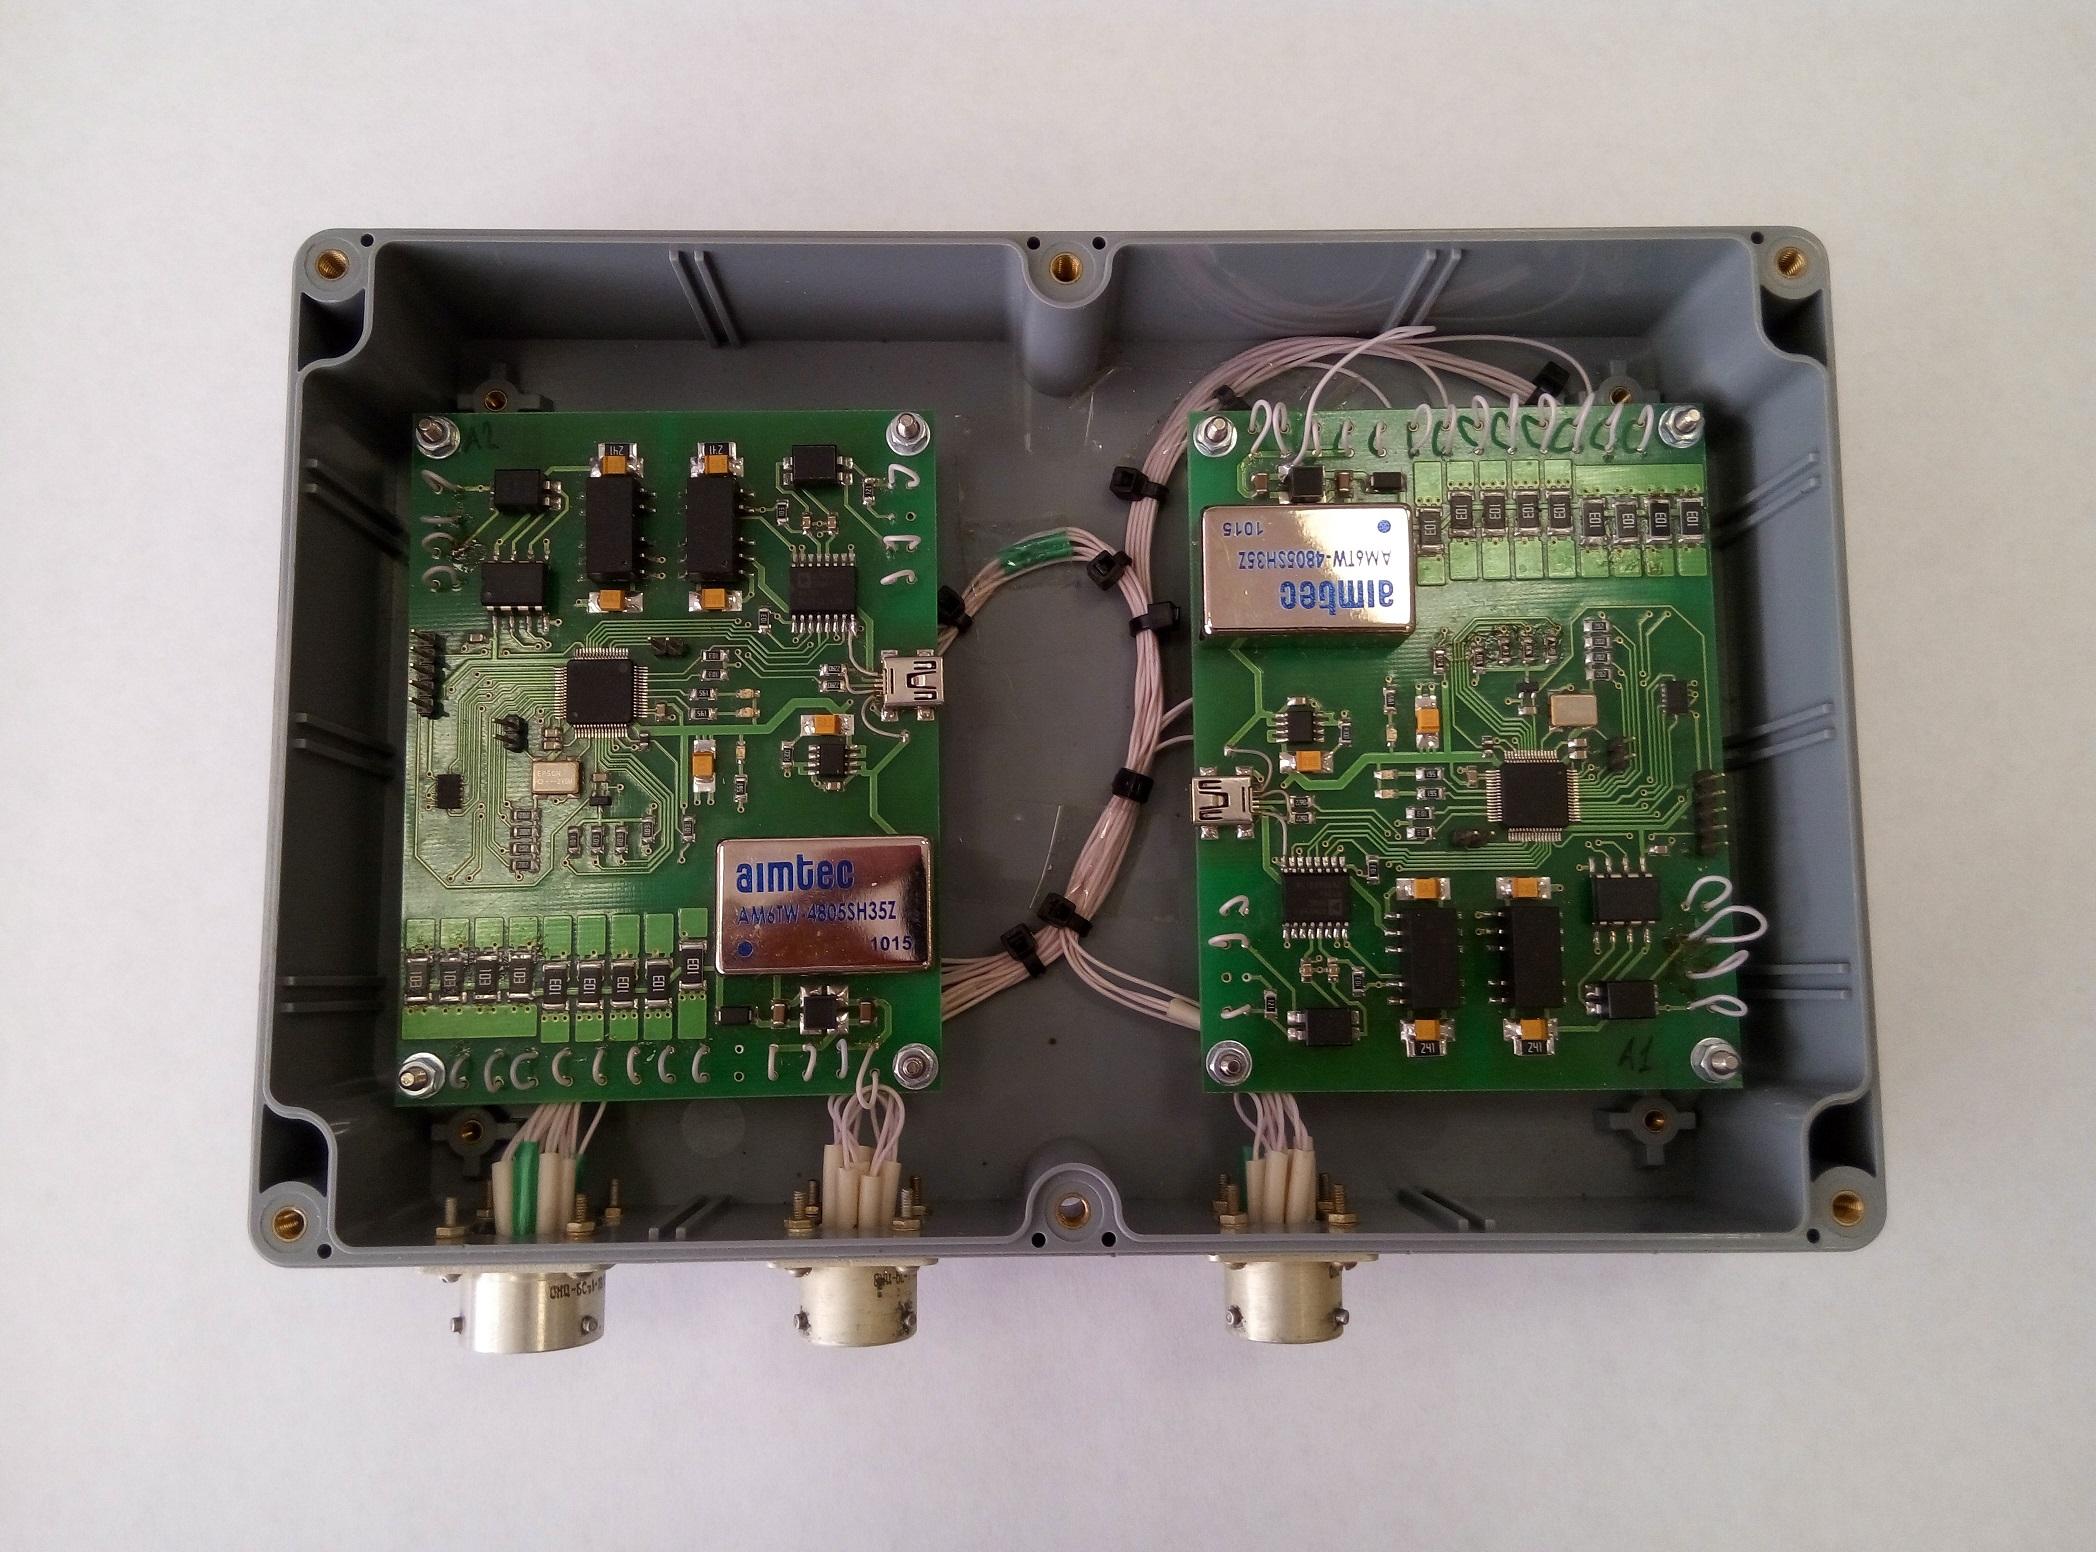 На фотографии макетного образца виден косяк с распиновкой USB